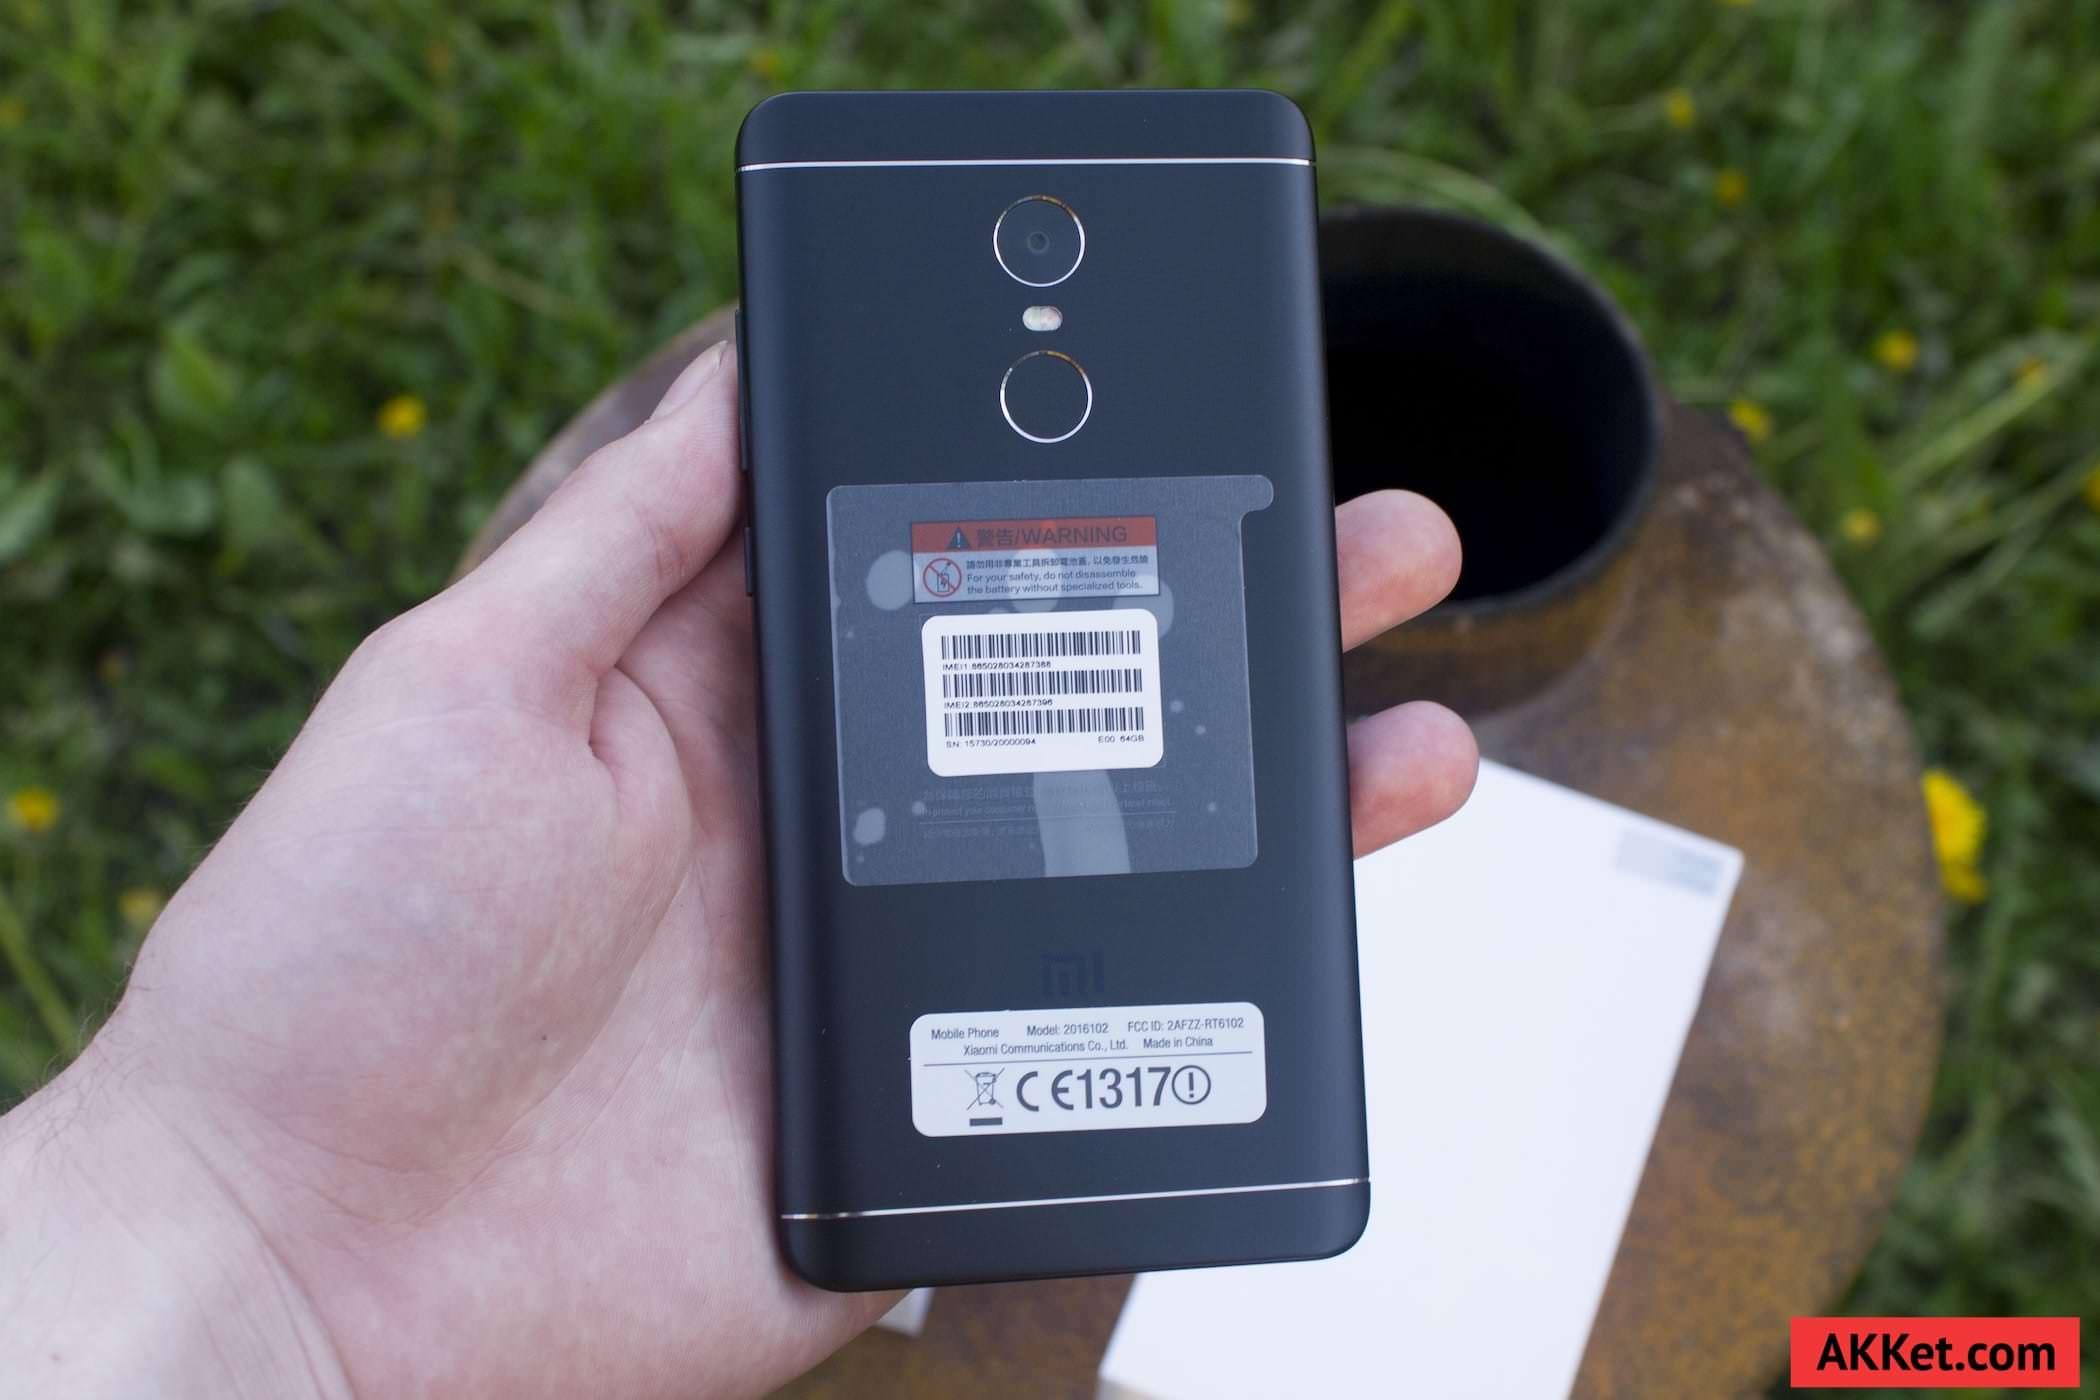 Смартфон Xiaomi Redmi Note 4 обРадает довоРьно внушитеРьными габаритами но причиной тому явРяется боРьшой 5 5 дюймовый экран который прикрыт 2 5D стекРом